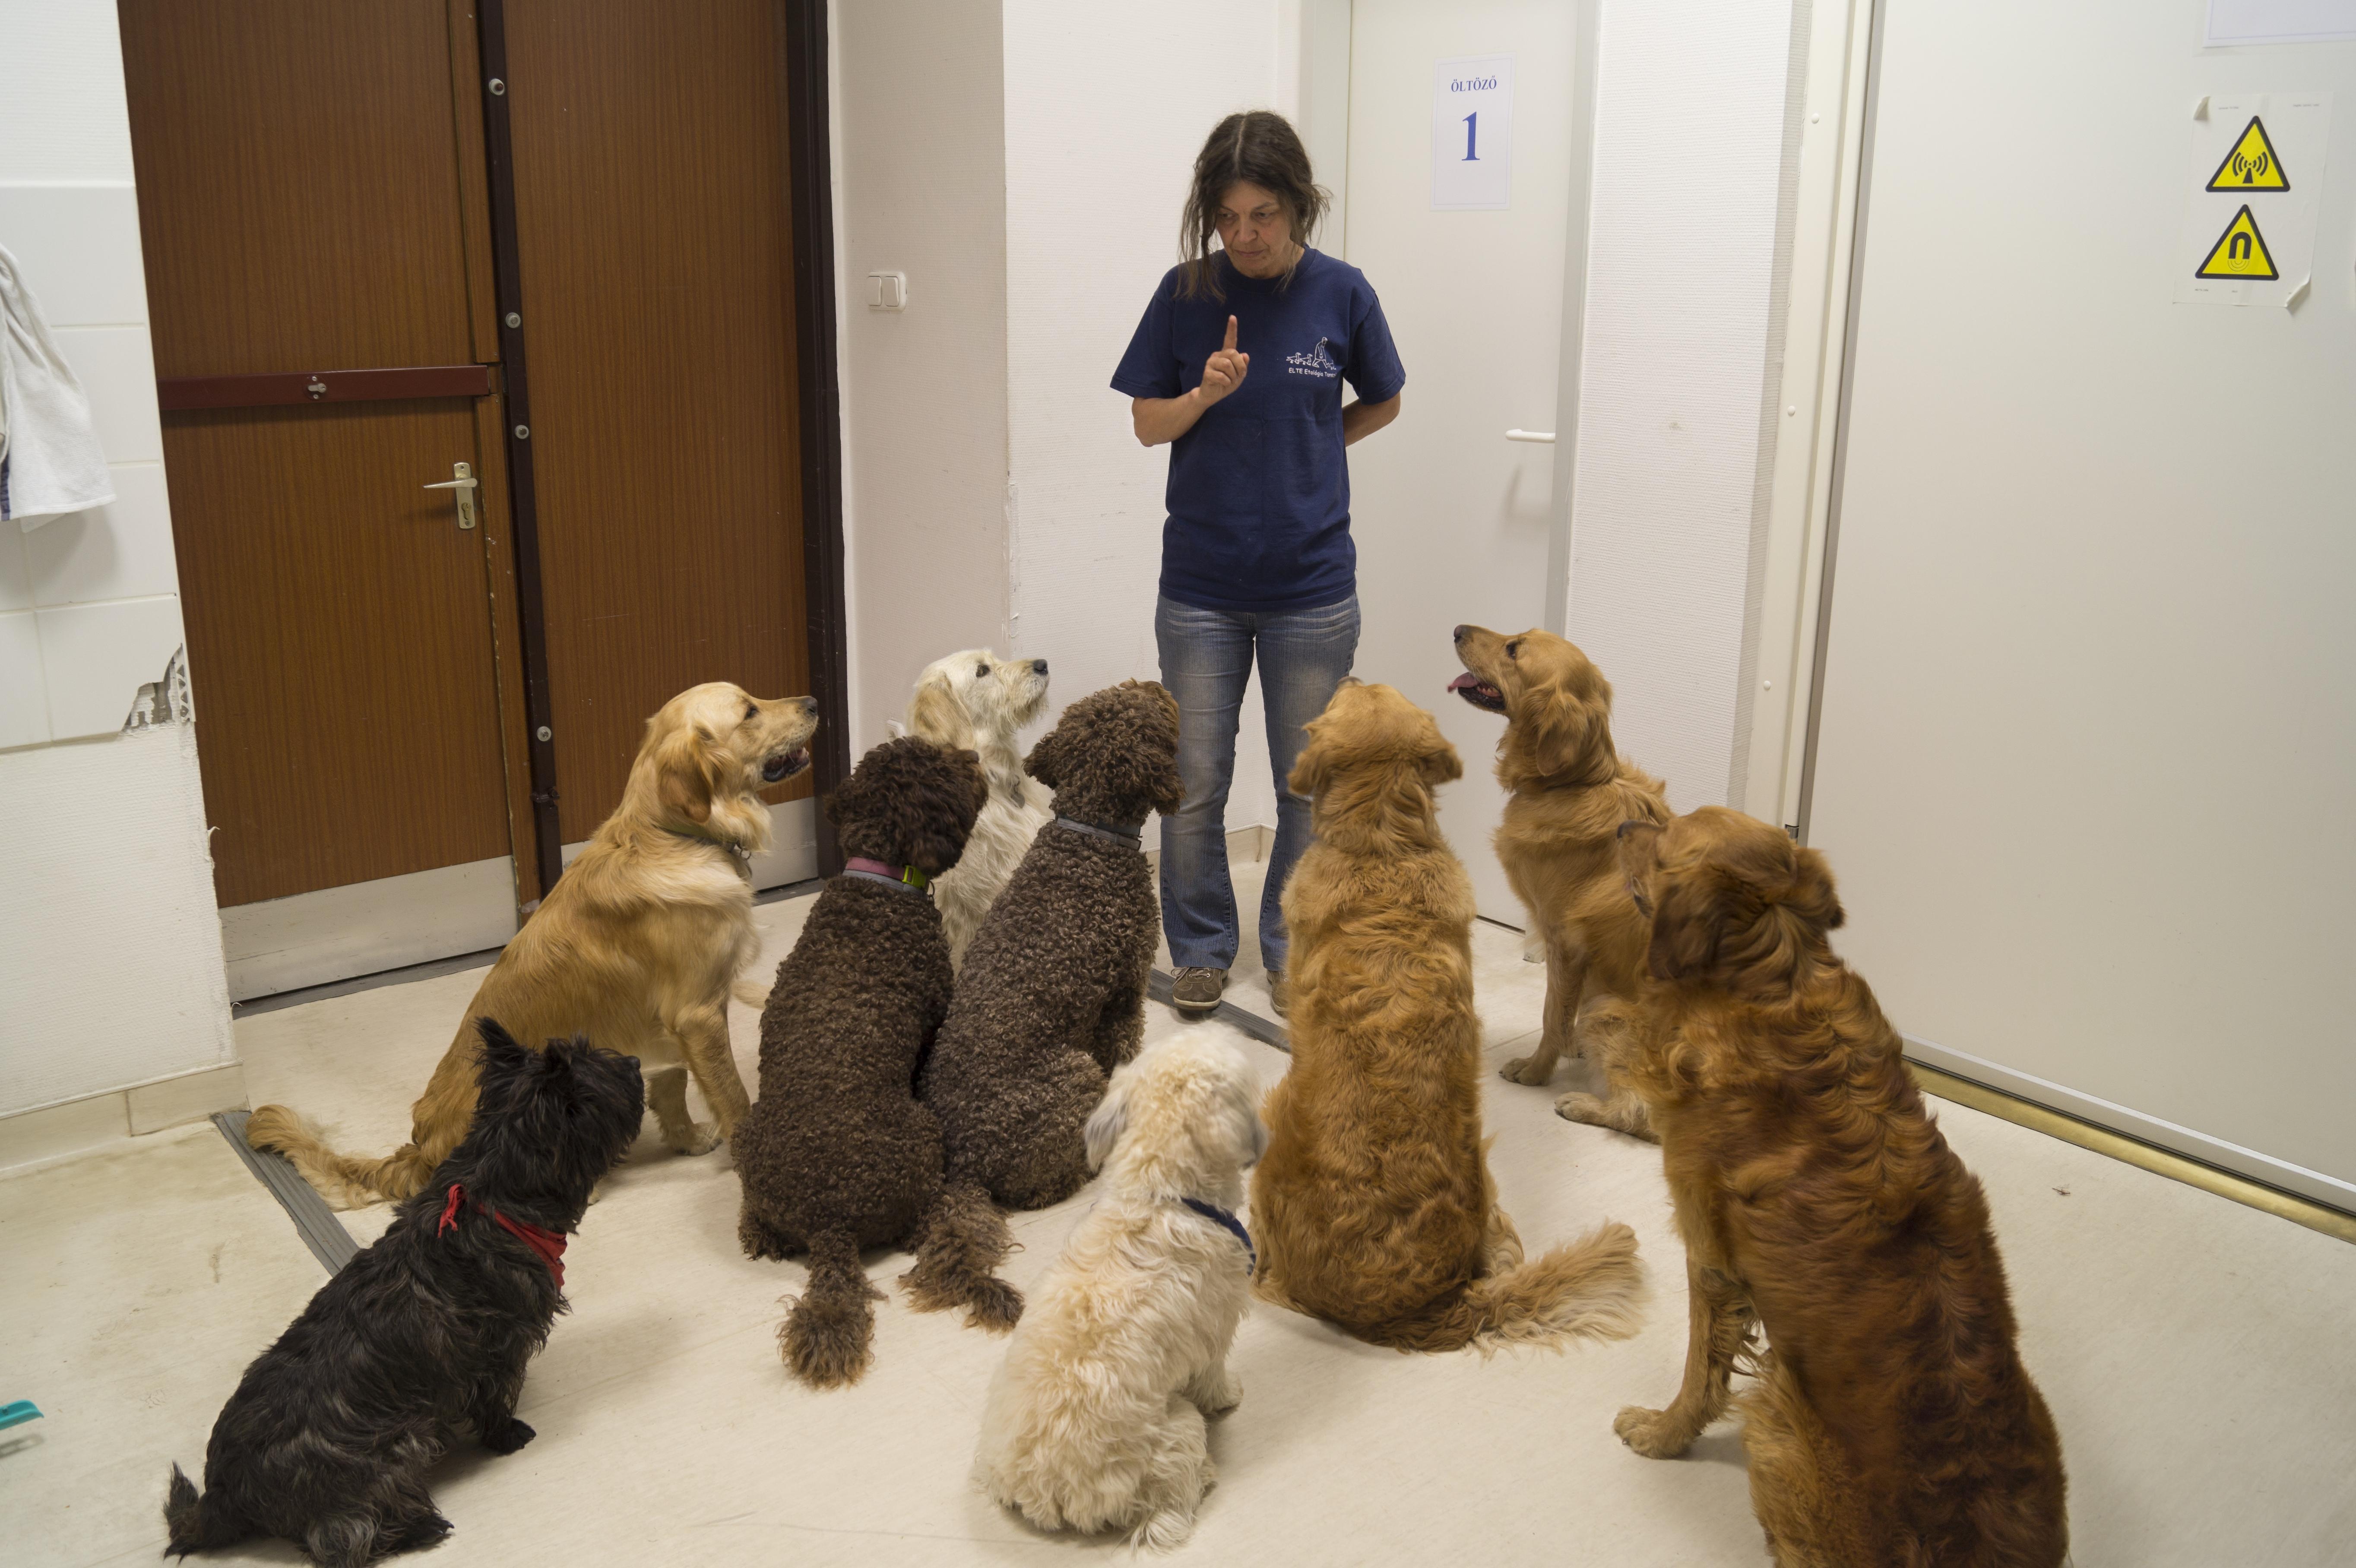 Magyar kutatás: a kutyák agya az emberéhez hasonlóan dolgozza fel a beszédet